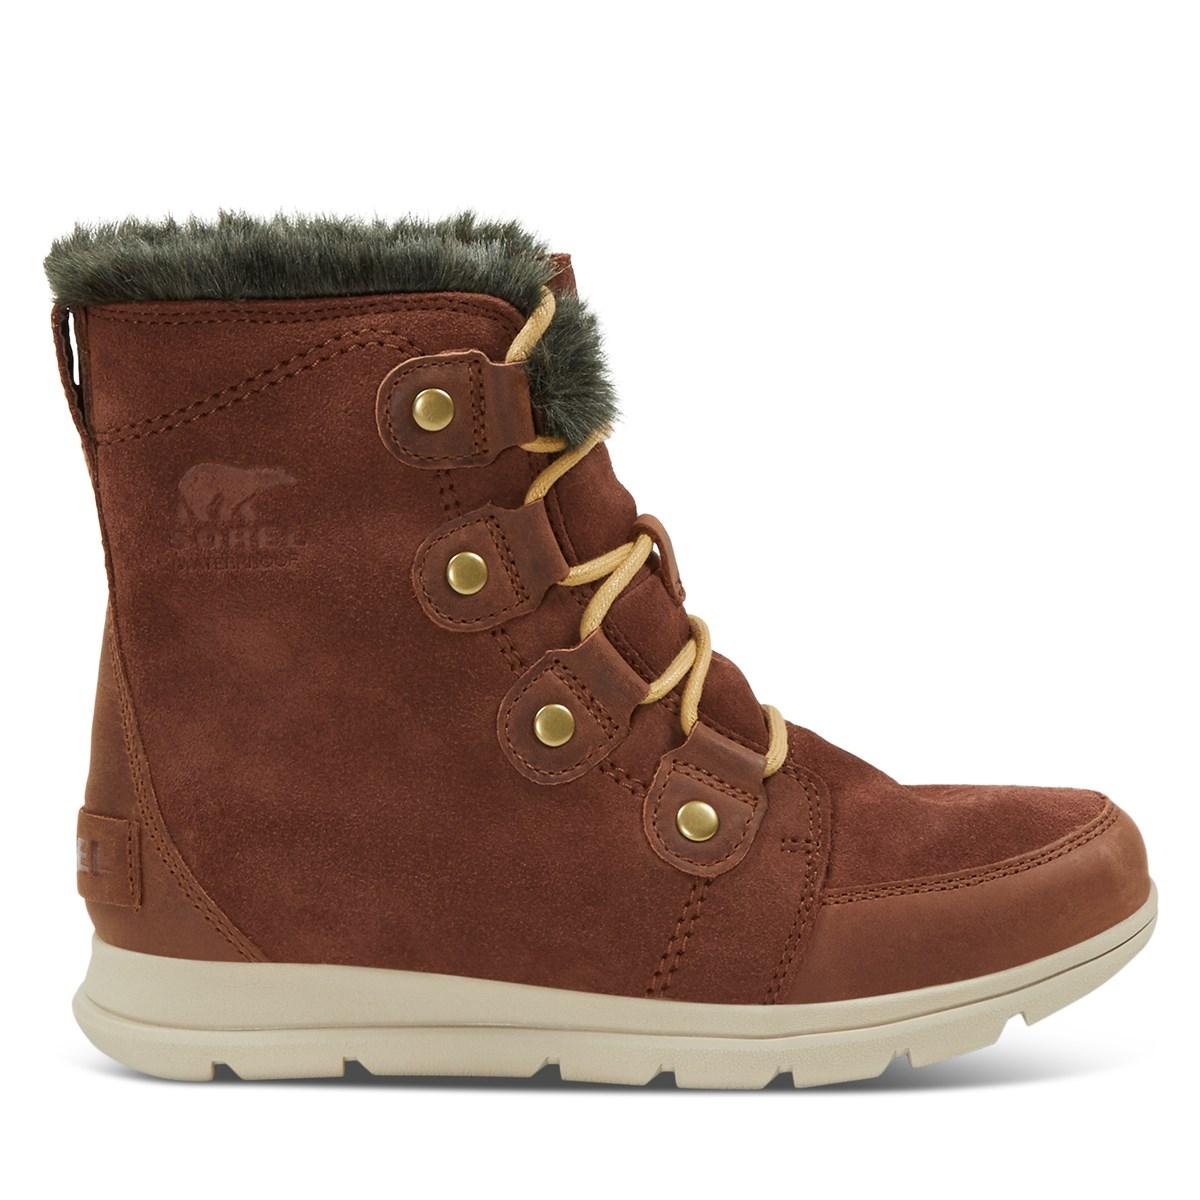 Women's Explorer Joan Waterproof Boots in Brown